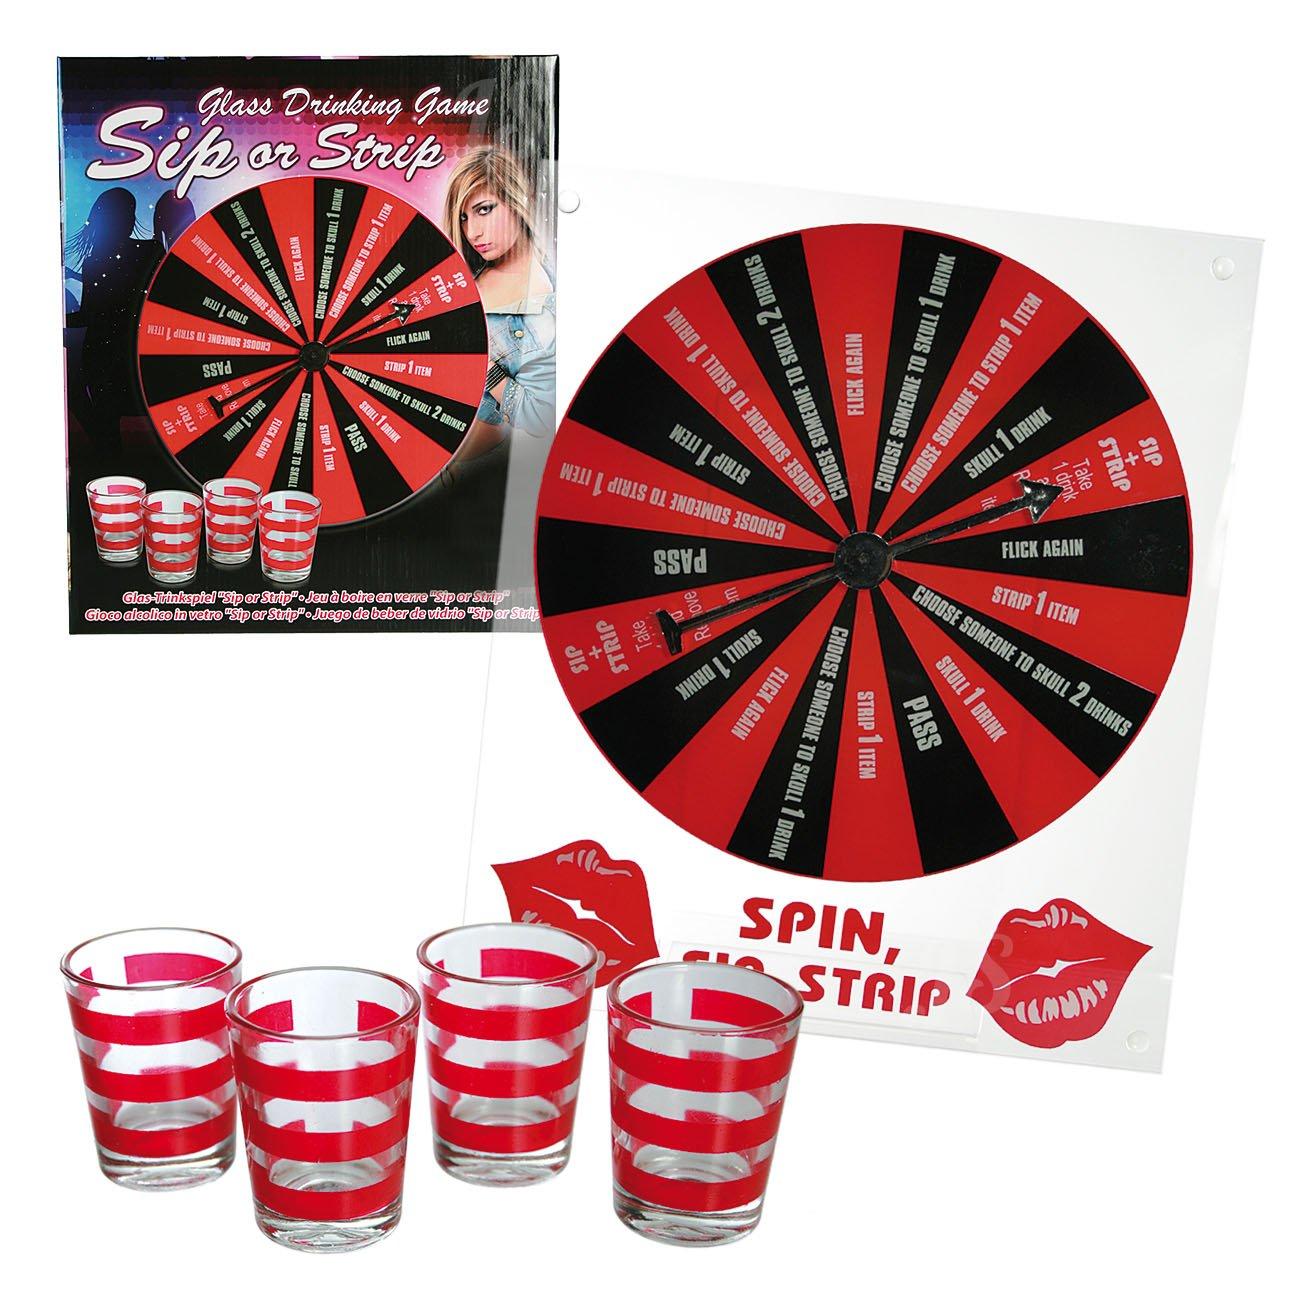 Preis am Stiel 1 x Trinkspiel Sip or Strip | Gesellschaftsspiel | Partyspiel | Saufspiel | Spiele für Erwachsene | Brettspiel | Geschenkidee | Gastgeschenk | Geschenke zum 18 Geburtstag